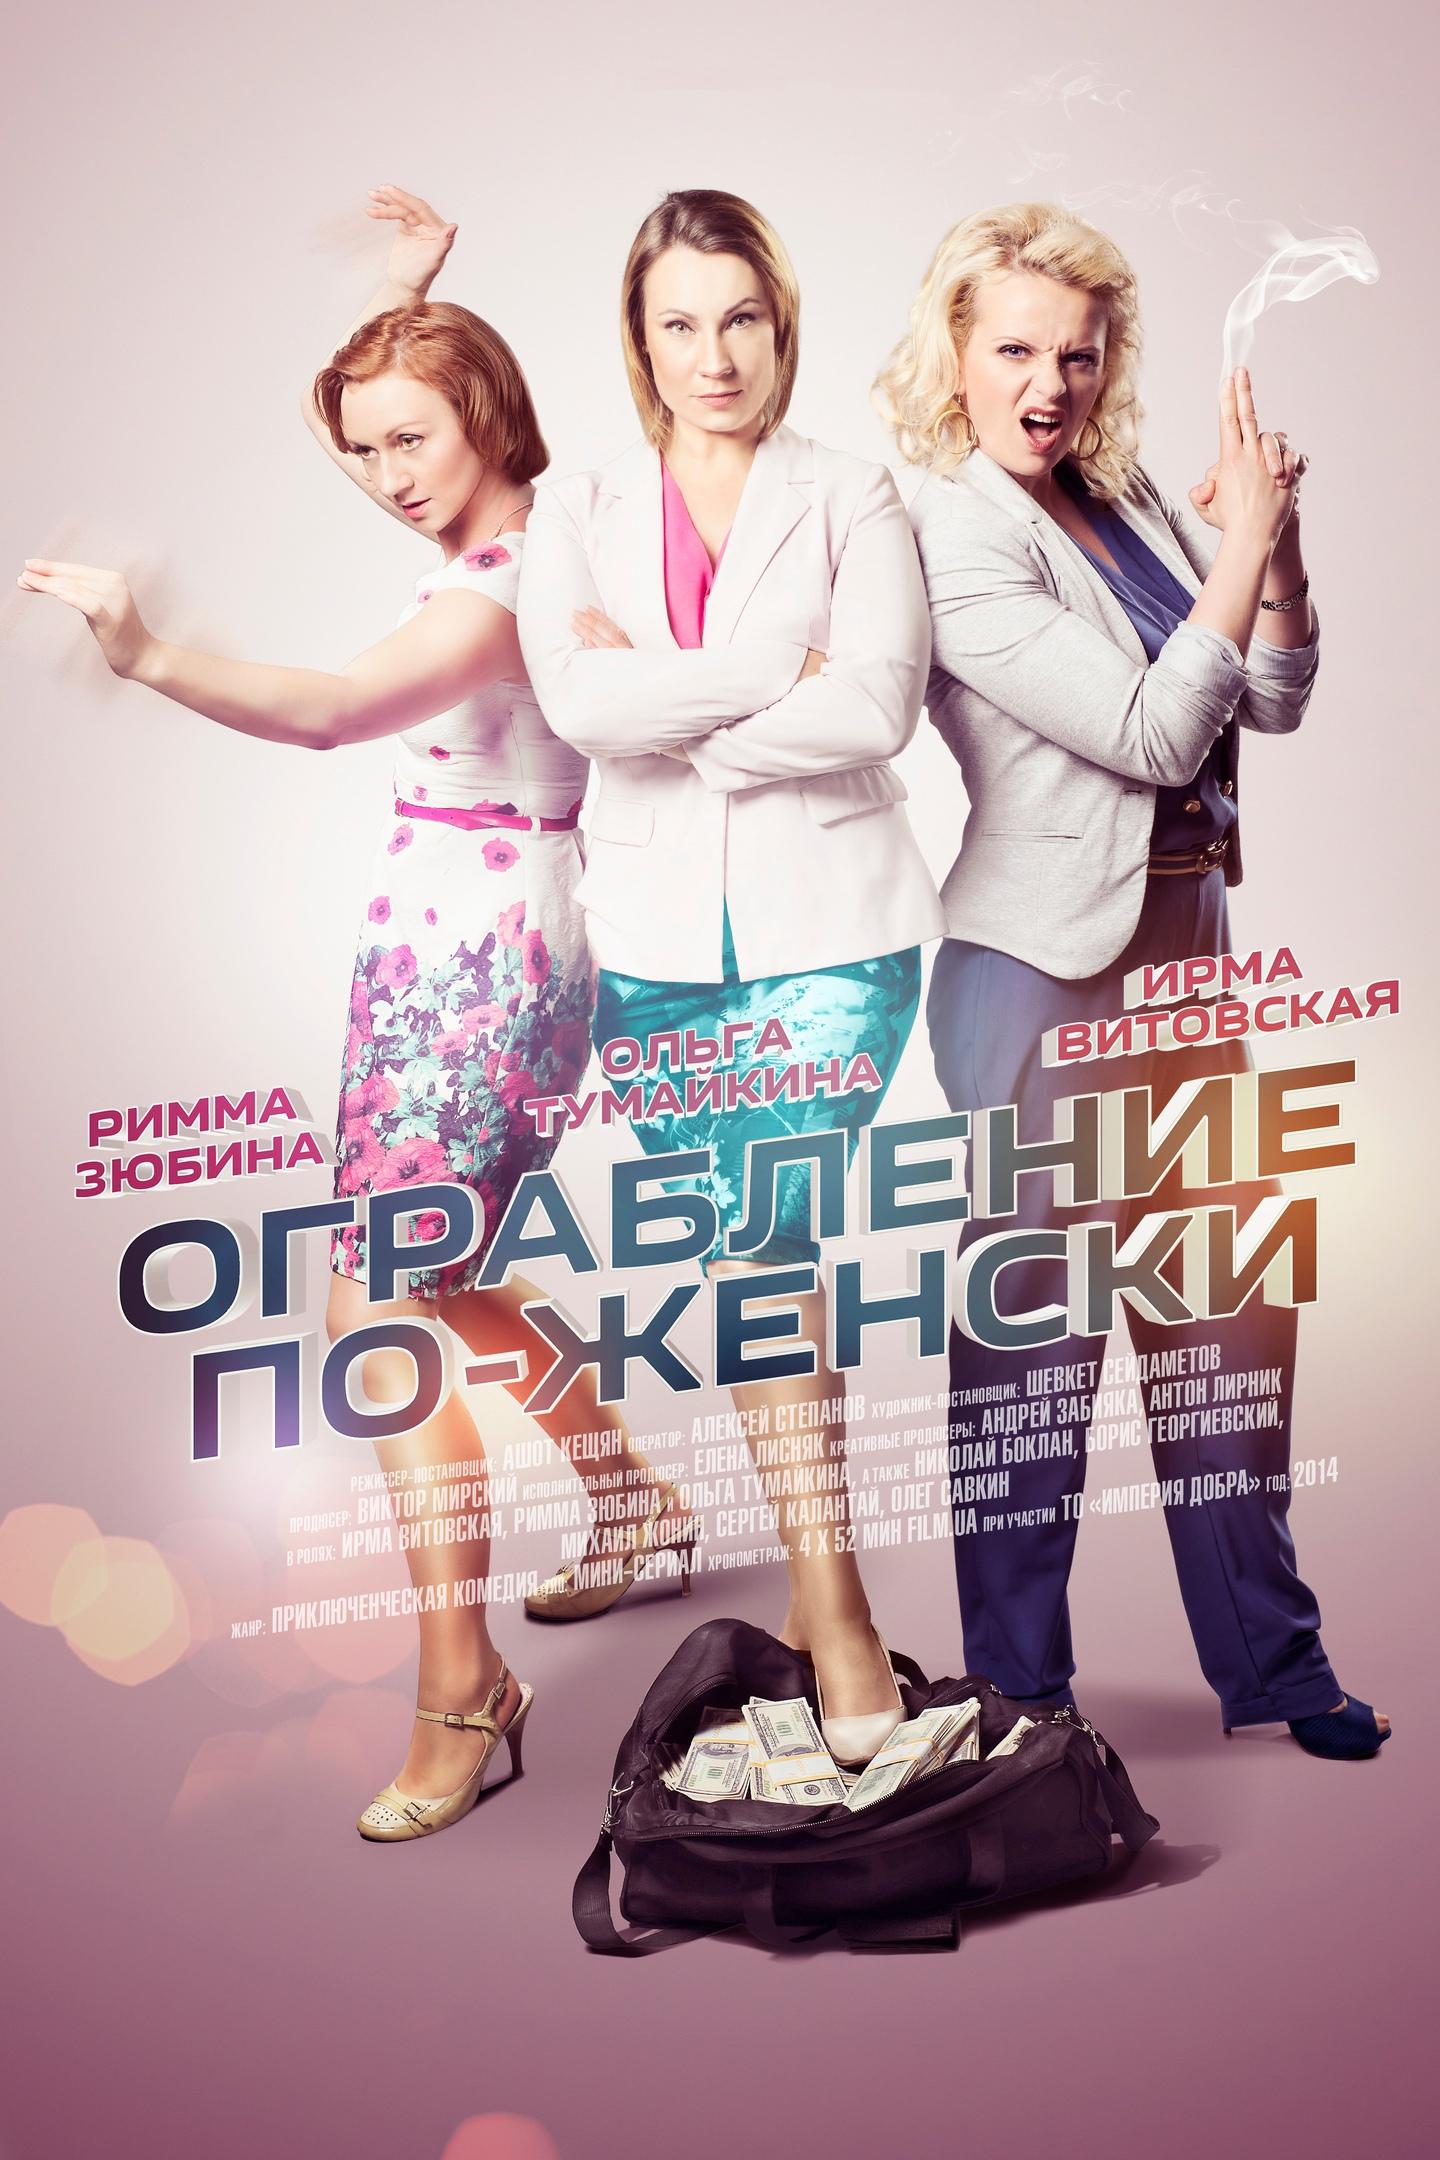 Комедия «Oгpaблeниe пo-жeнcки» (2014) 1-4 серия из 4 HD